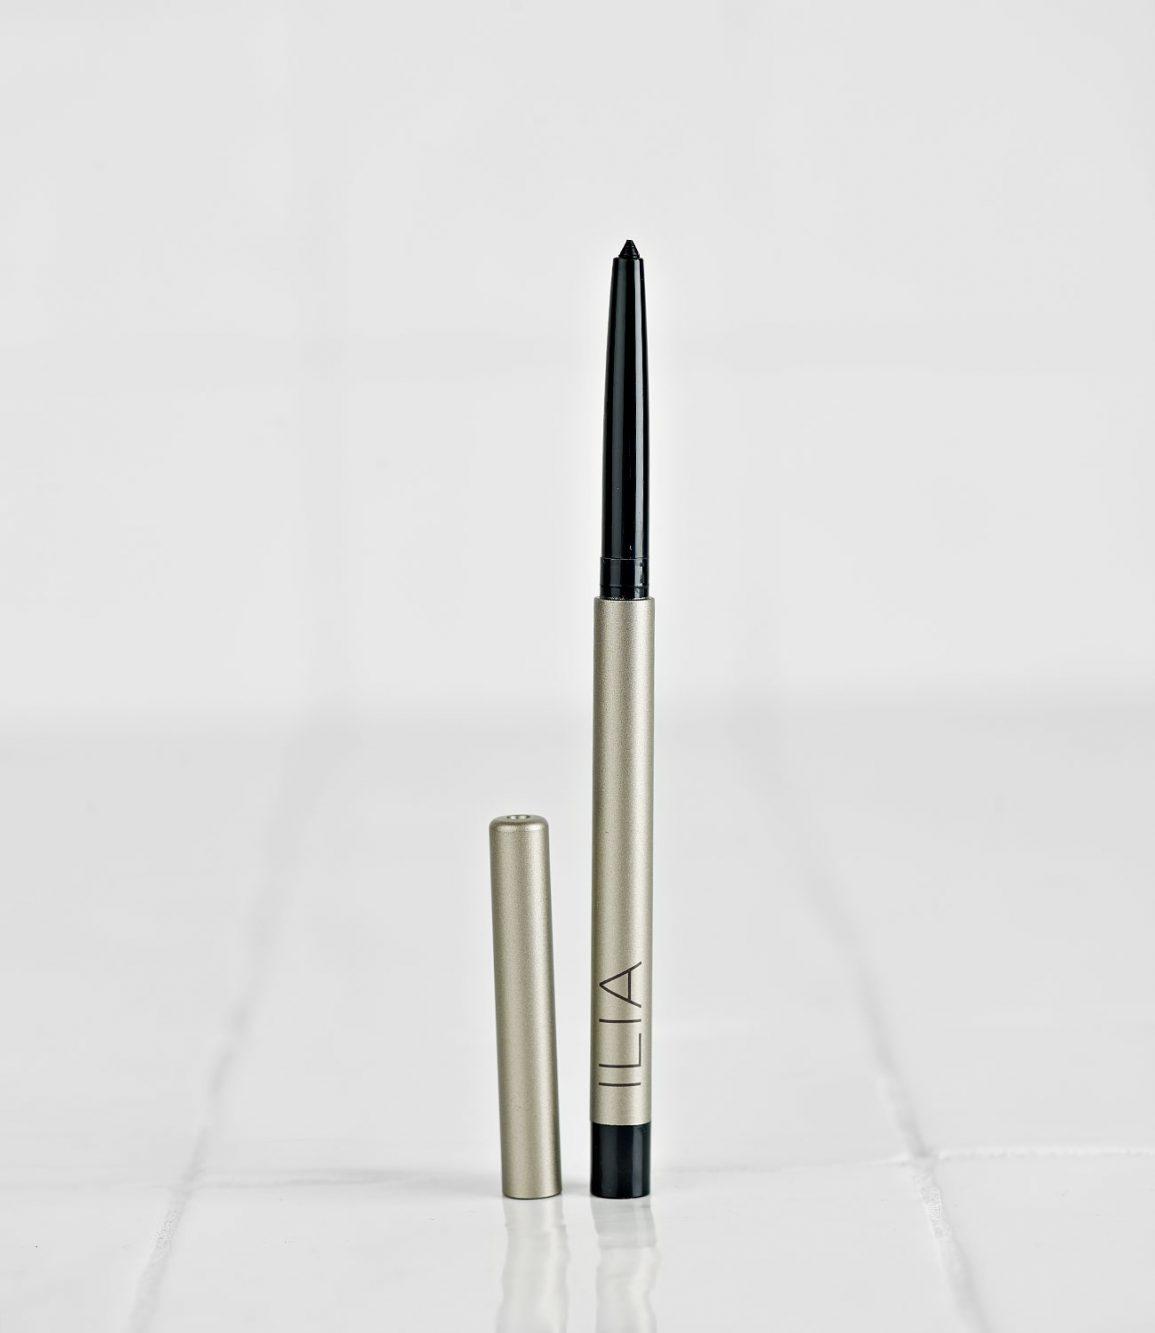 Eye liner Ilia - Maquillage naturel